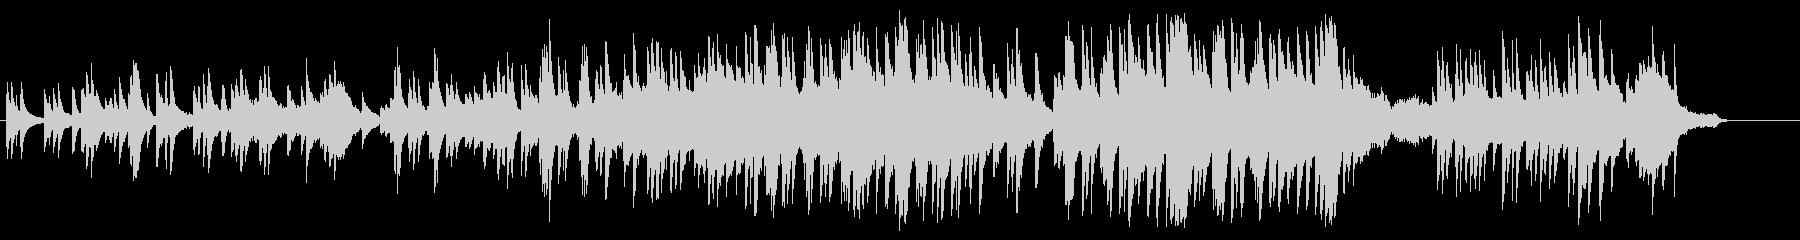 別れの切なさを描いた上品なピアノBGMの未再生の波形